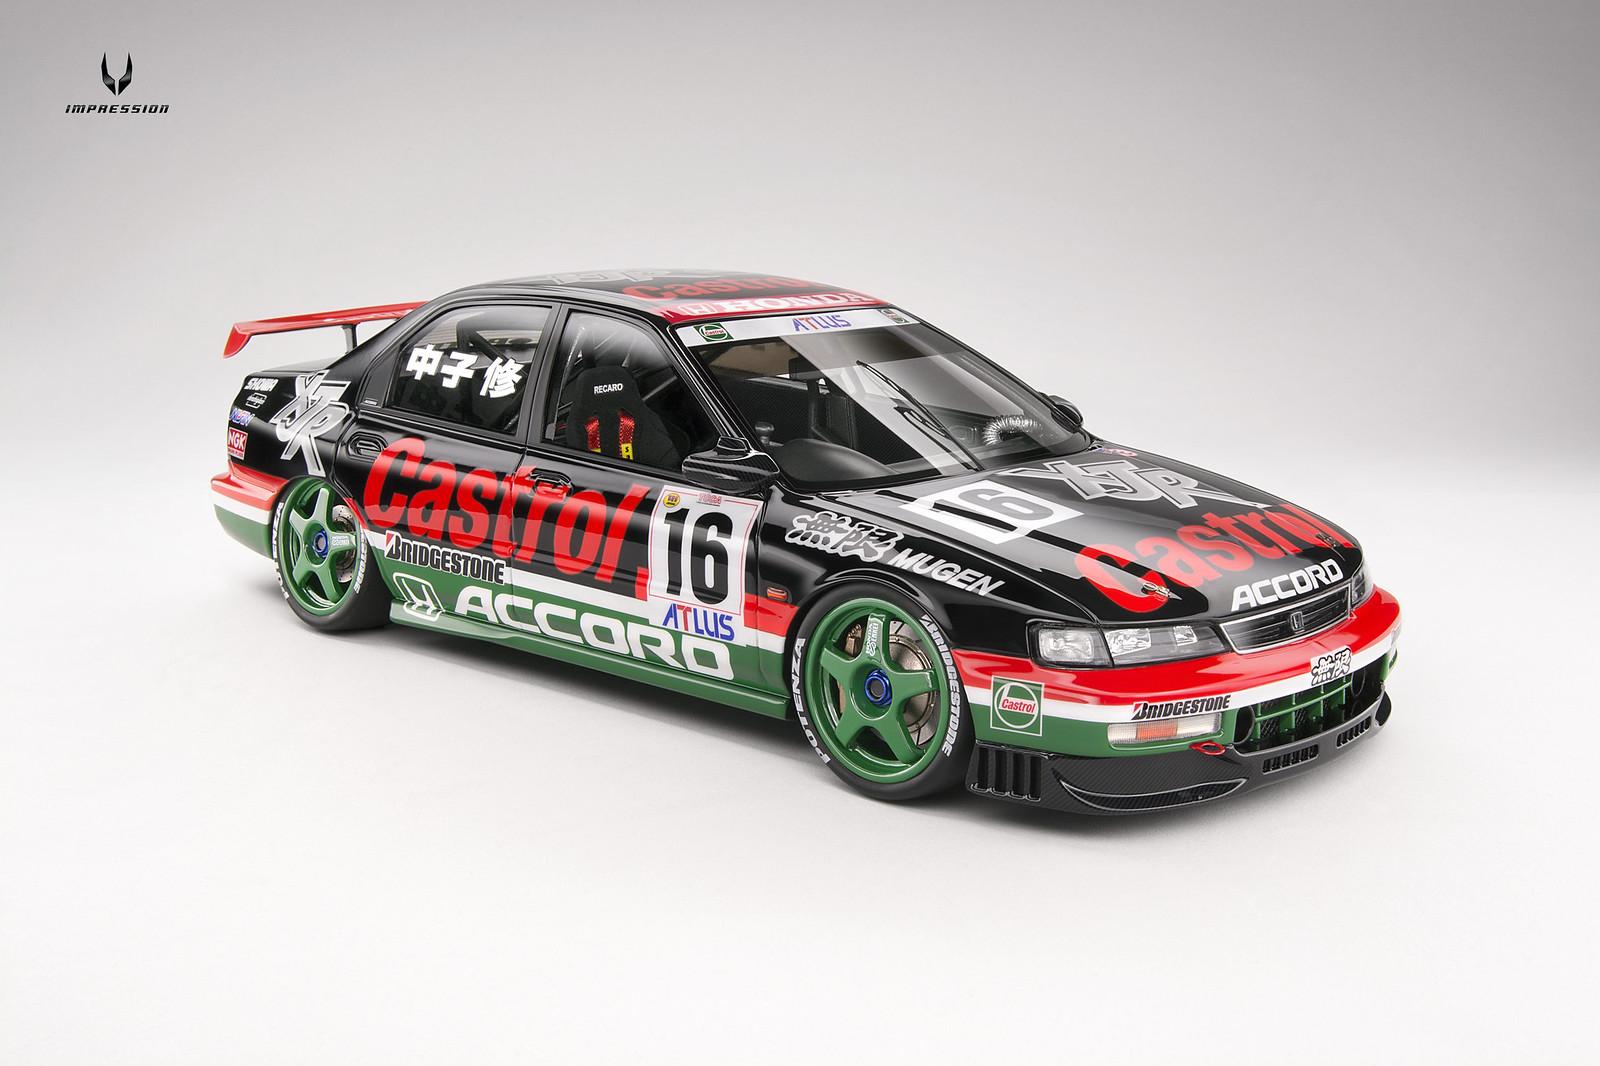 1 18 Honda Accord Jtcc 1996 16 Castrol Mugen Inno Models